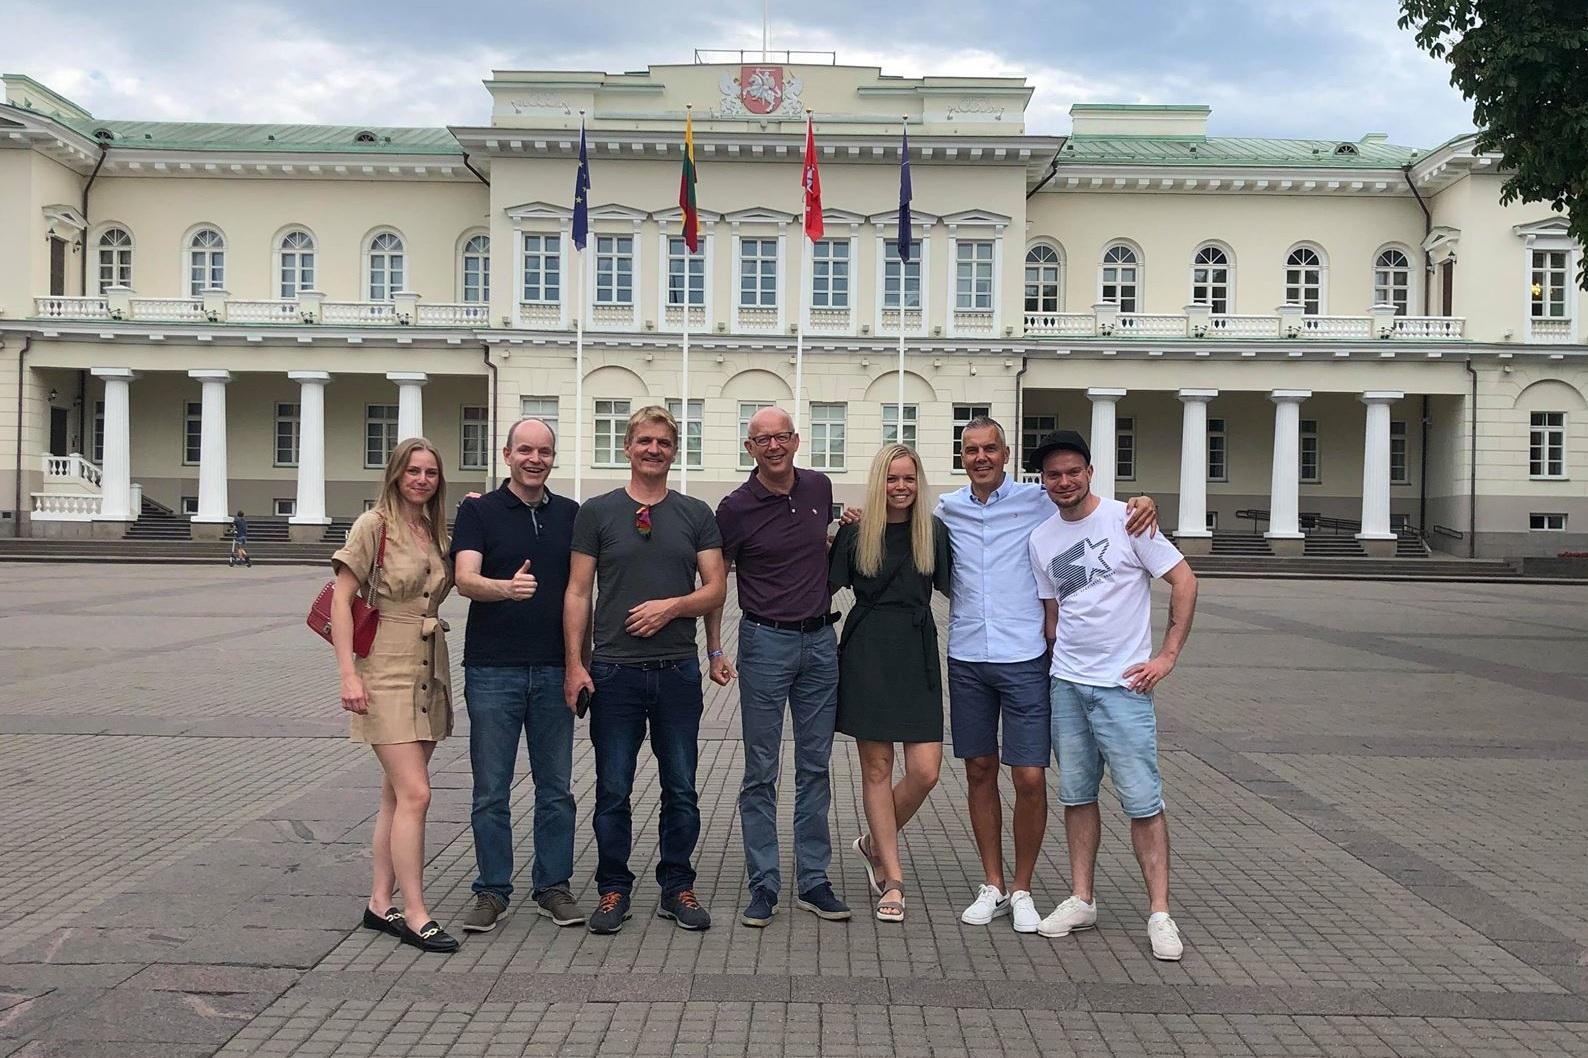 Foto: Frå Gasta+Vardahei IT sin sommartur til Vilnius, Litauen